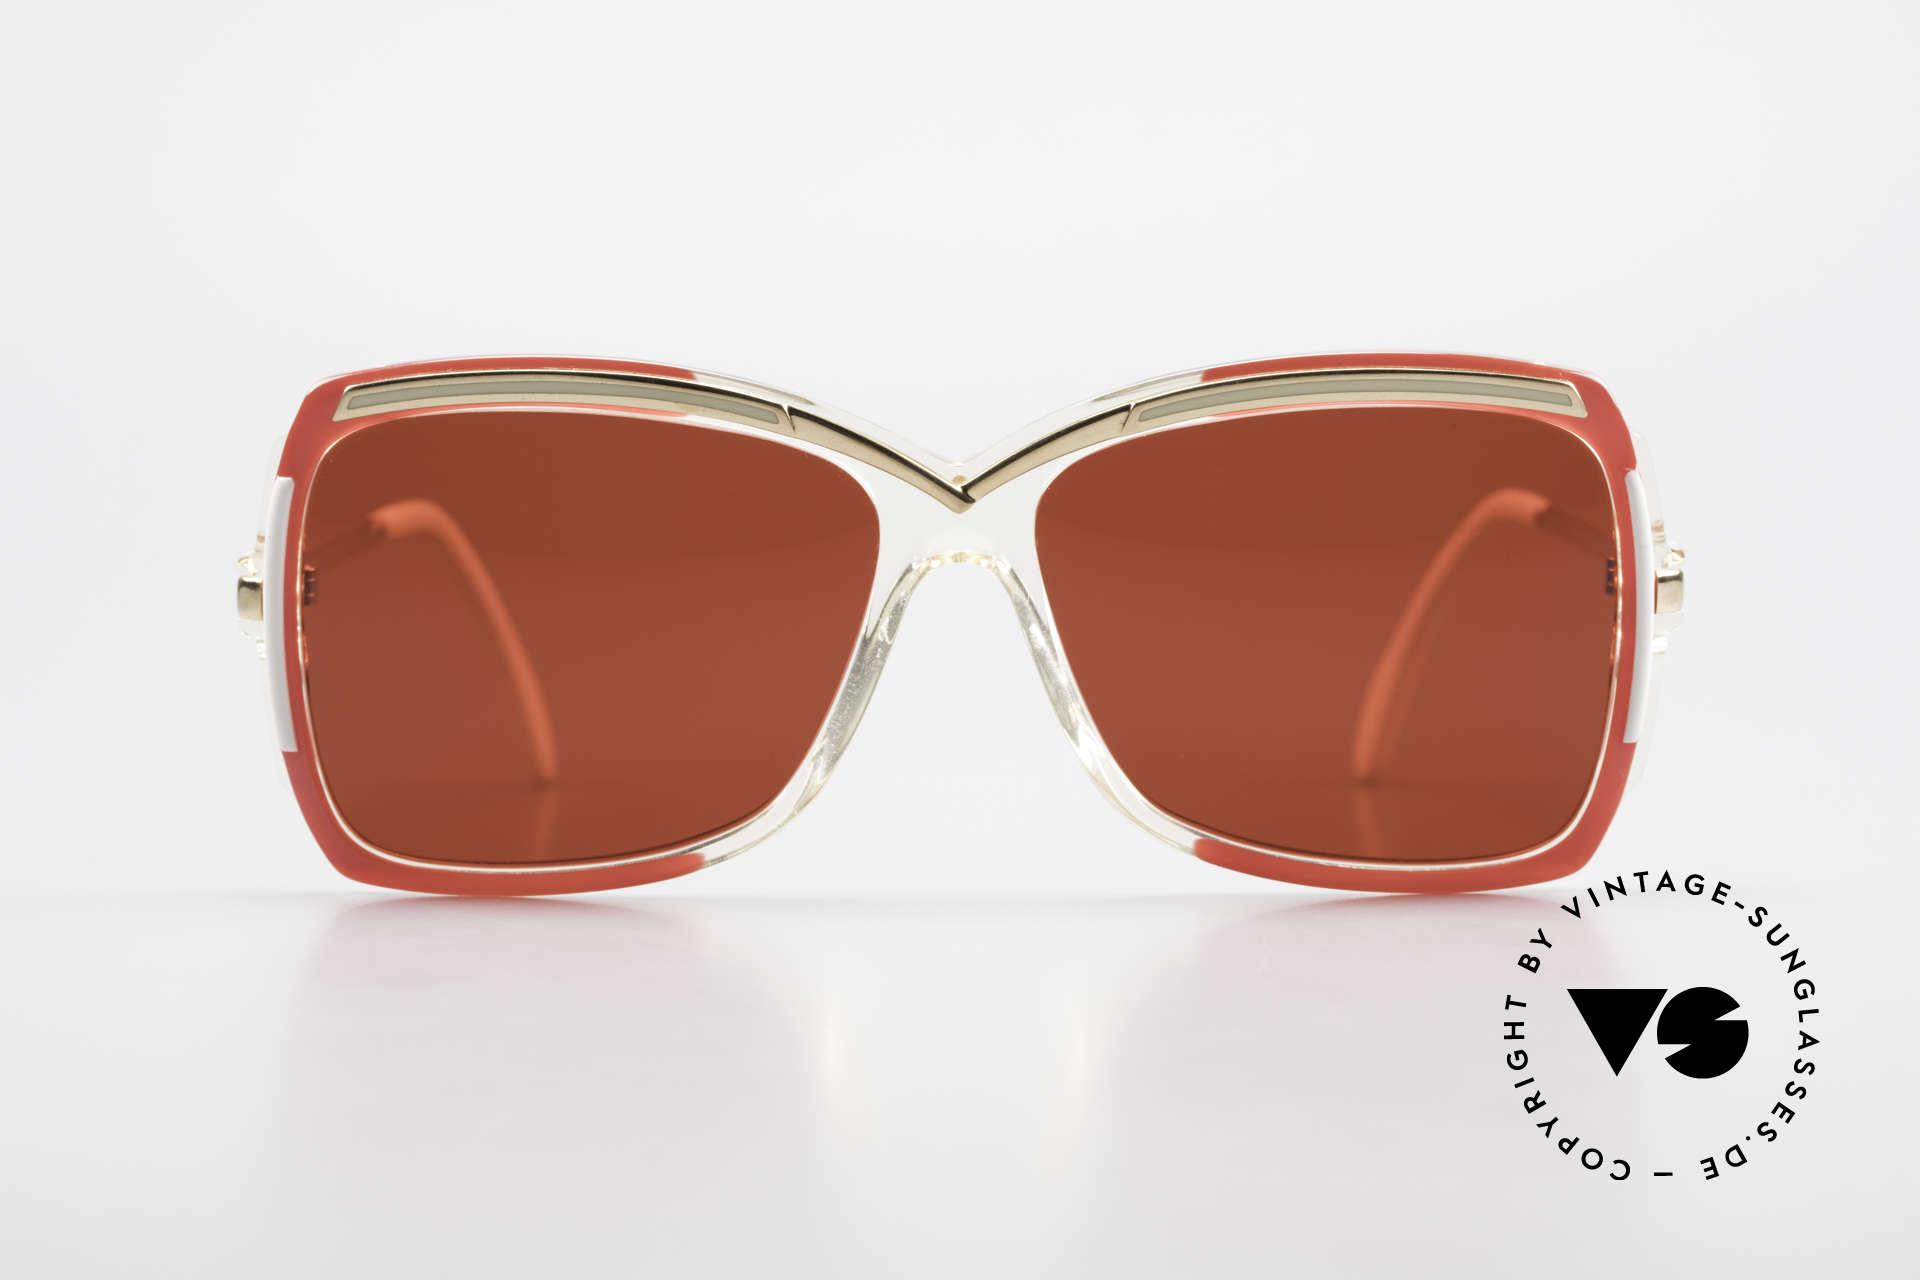 Cazal 177 3D Rot Designer Sonnenbrille, ein tolles altes Original und ein echter Hingucker, Passend für Damen